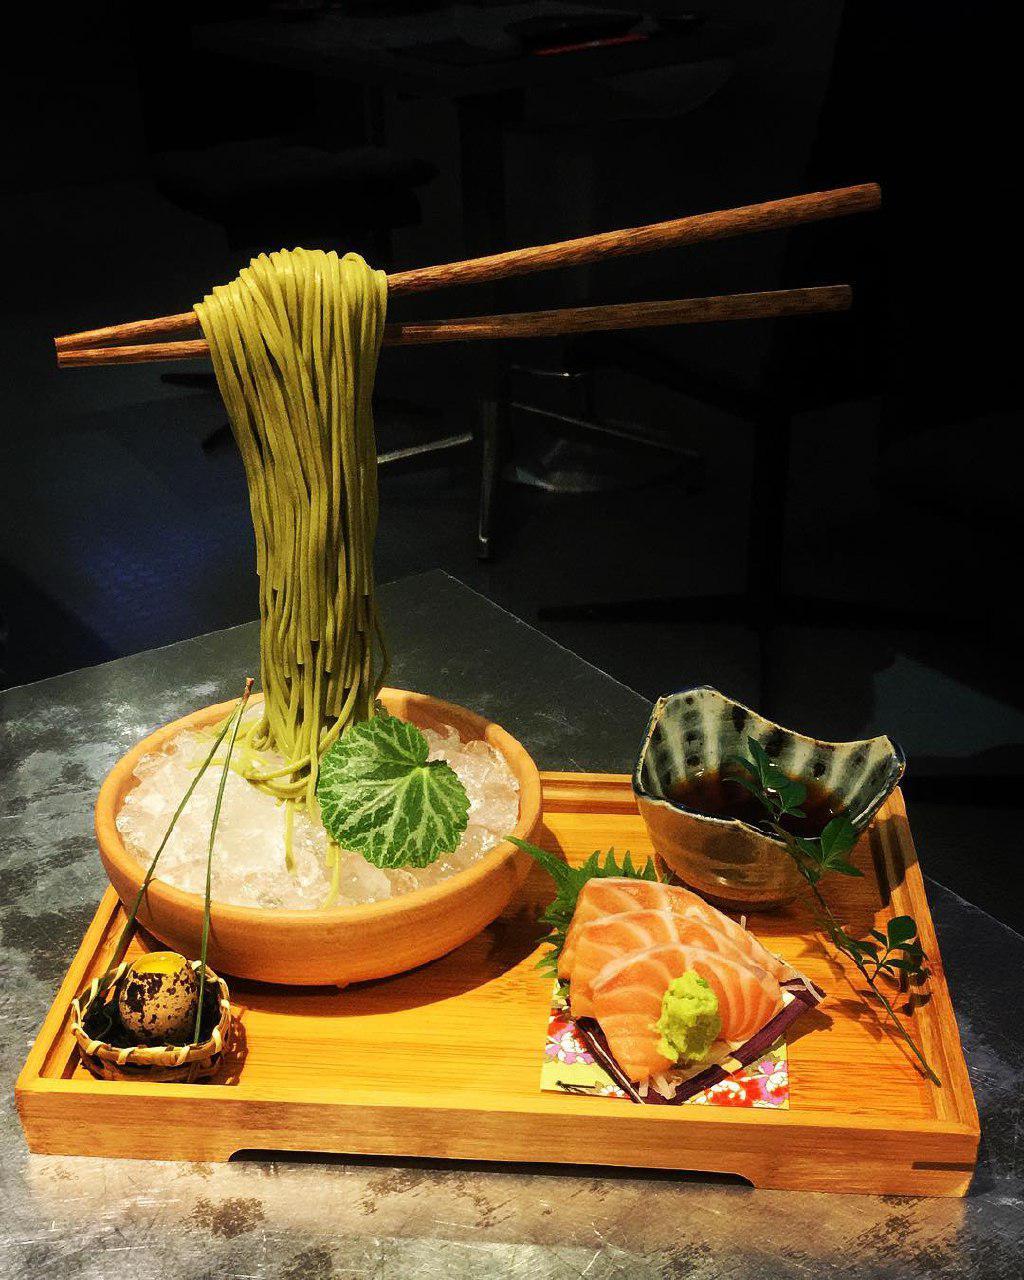 漂浮面条-新加坡餐厅